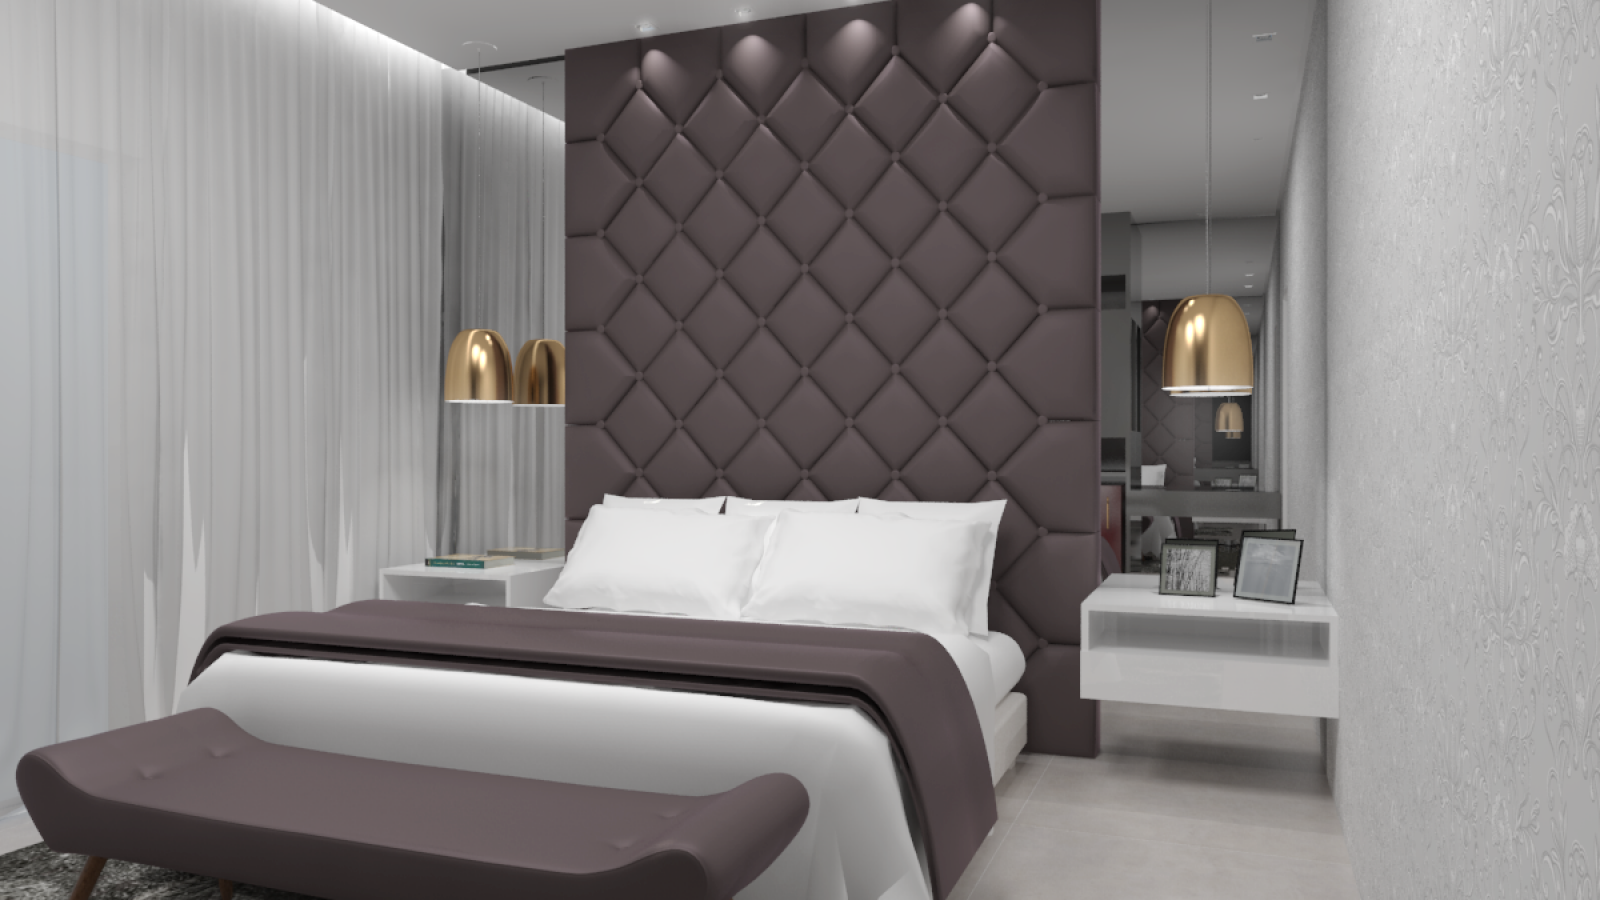 Quarto de casal com cama de casal, painel com acabamento em couro e paredes brancas. Luminárias douradas.